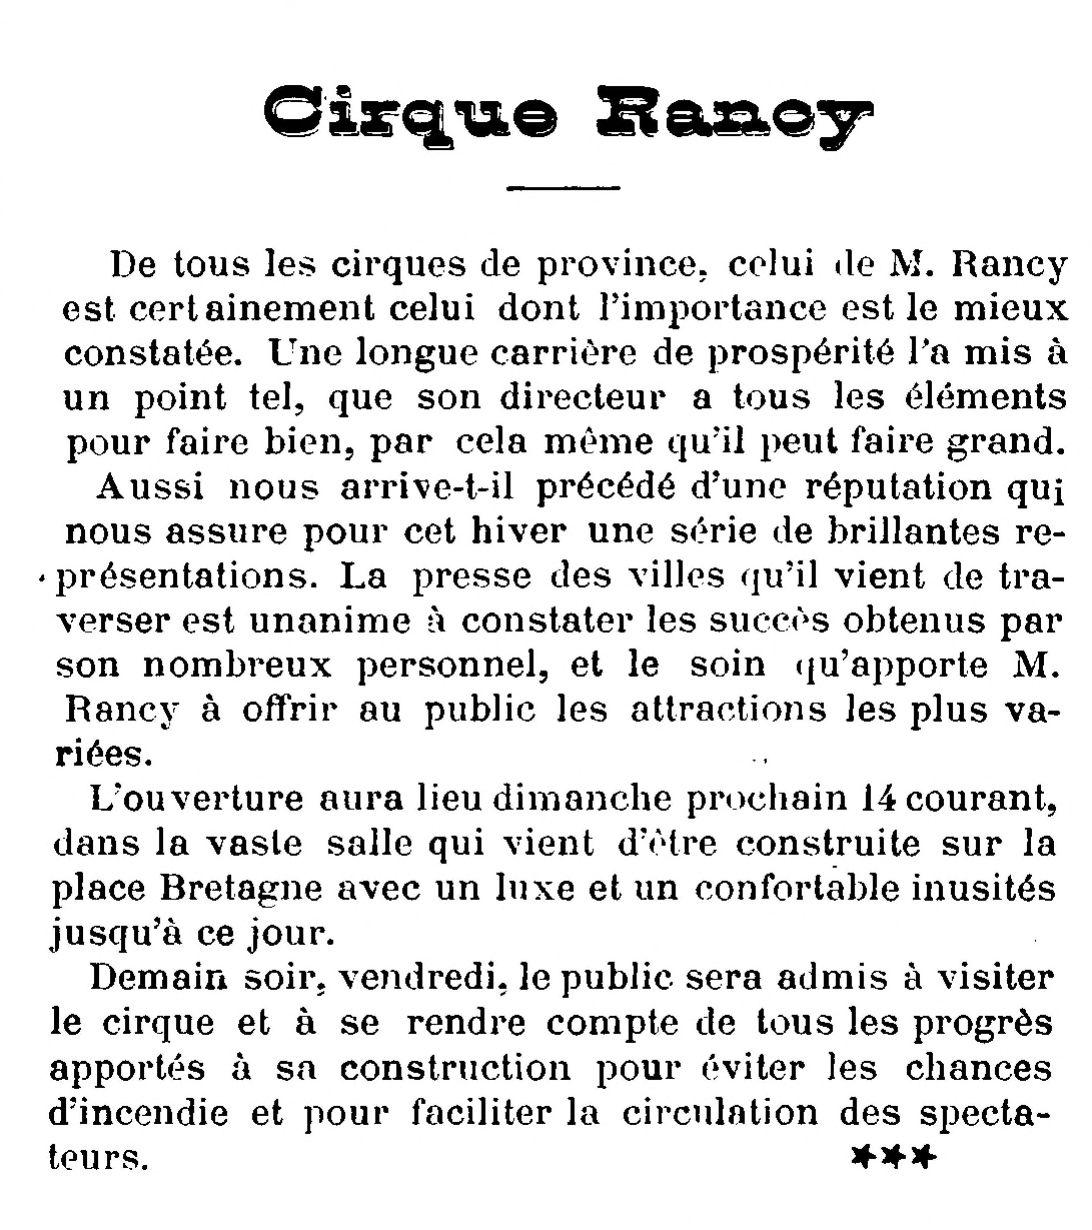 Gazette artistique de Nantes - 11 décembre 1890